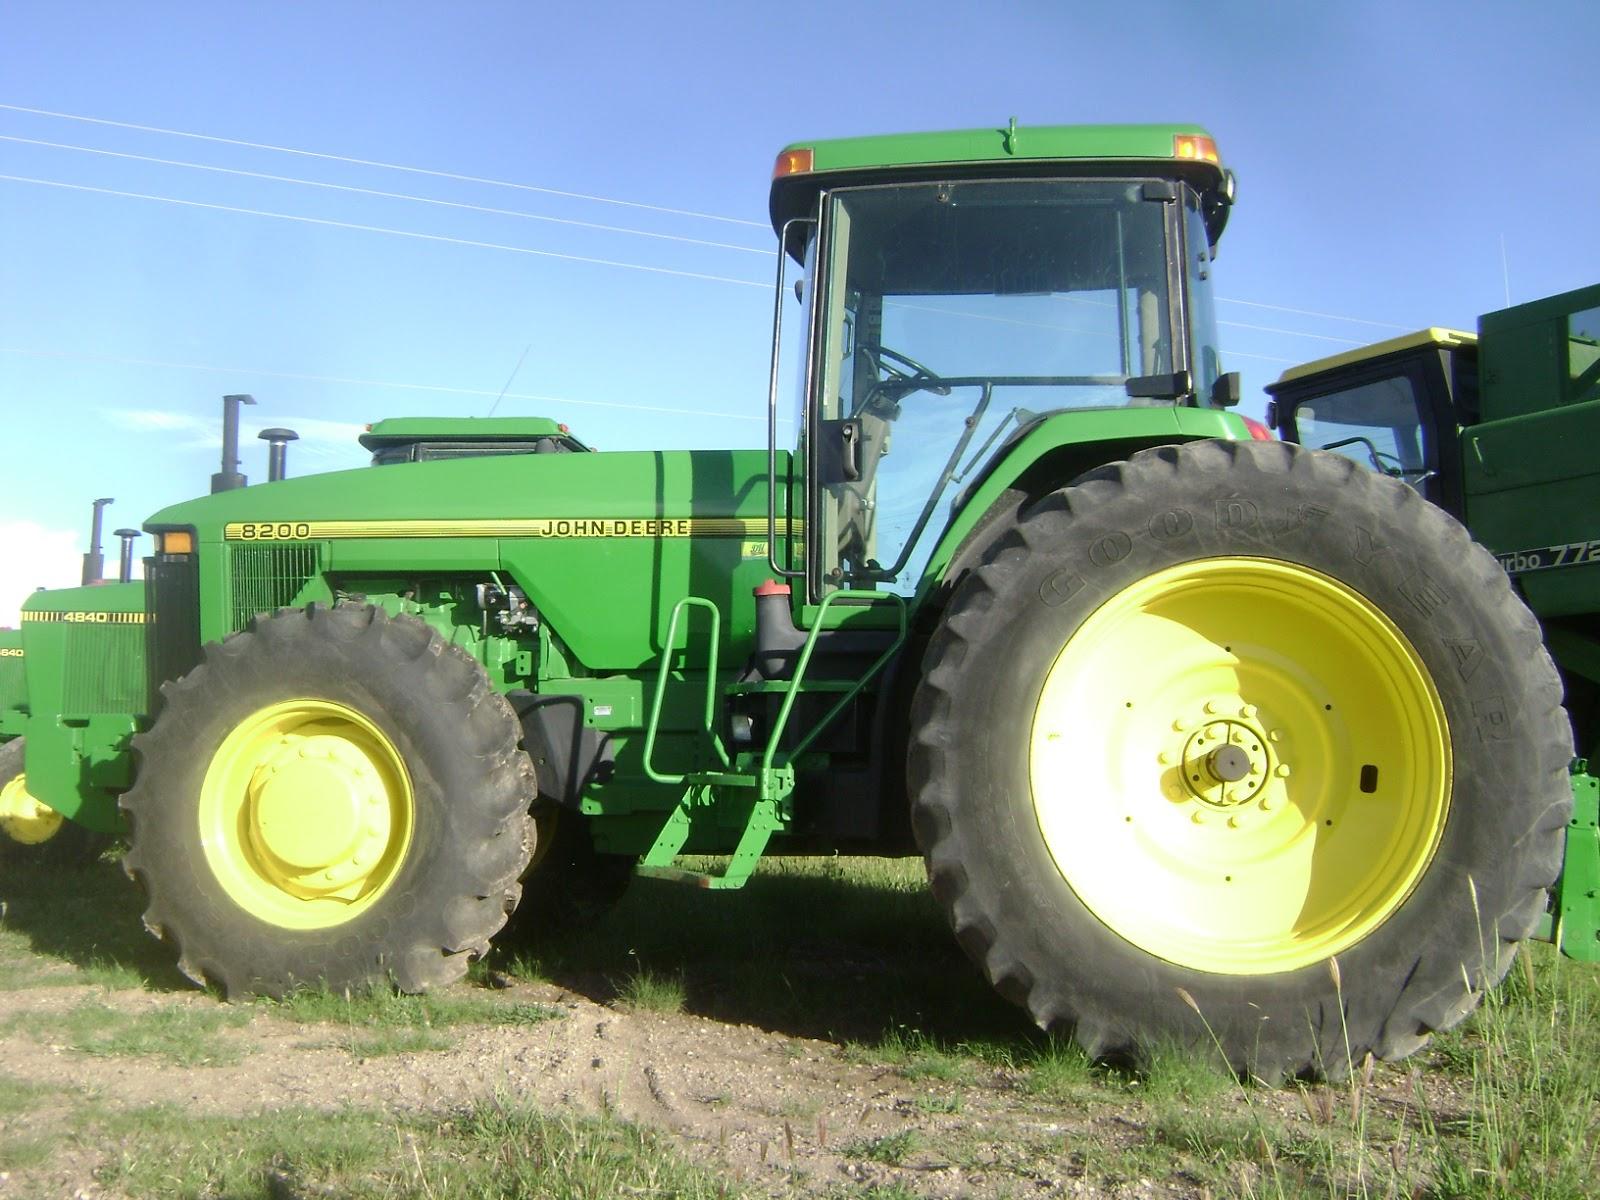 John Deere 5403 Tractor 4x4 : Maquinaria agricola industrial tractor john deere